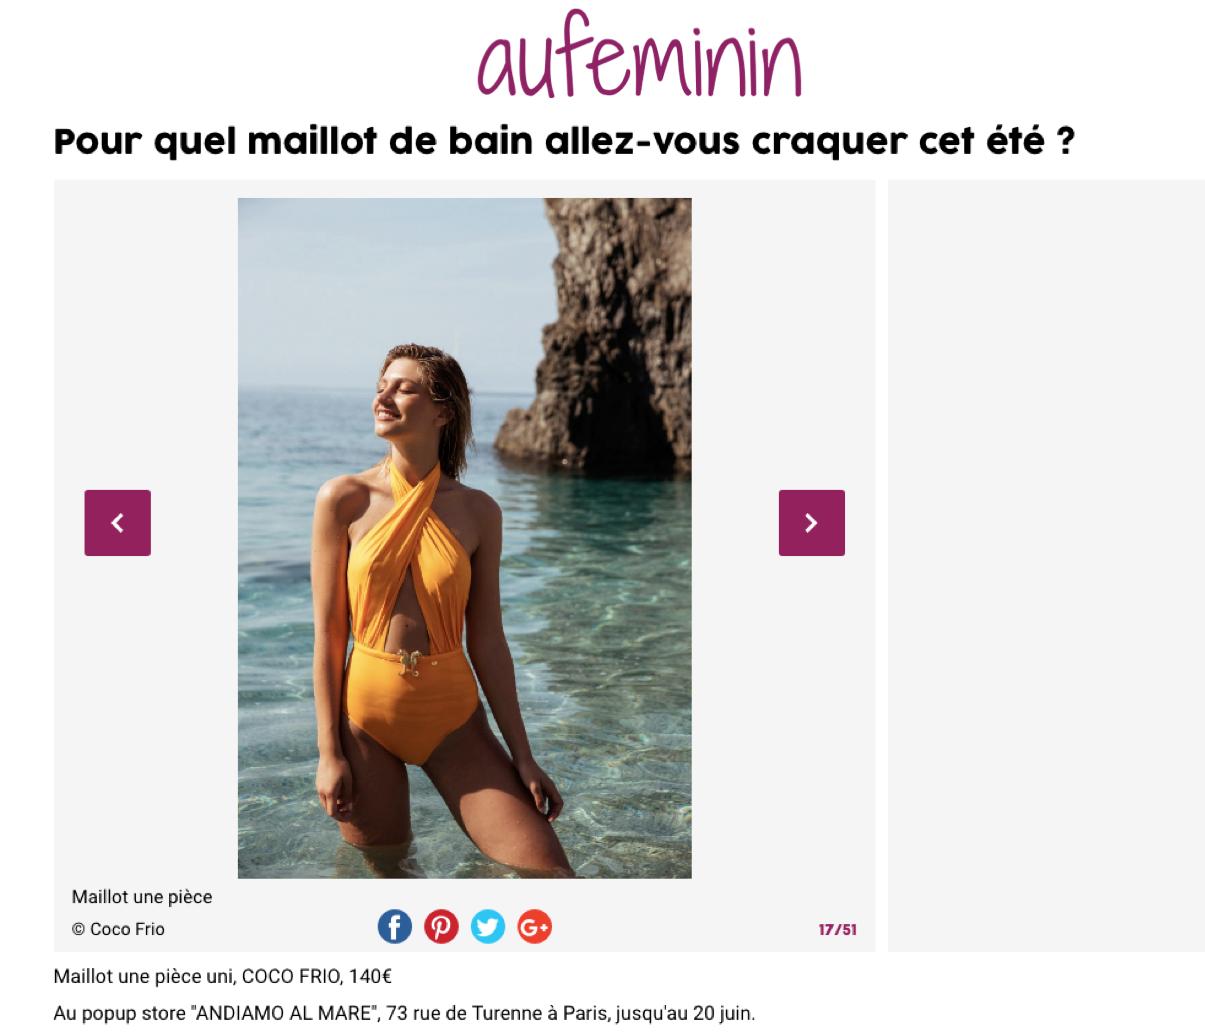 AU FEMININ.COM -COCO FRIO -31.05.18